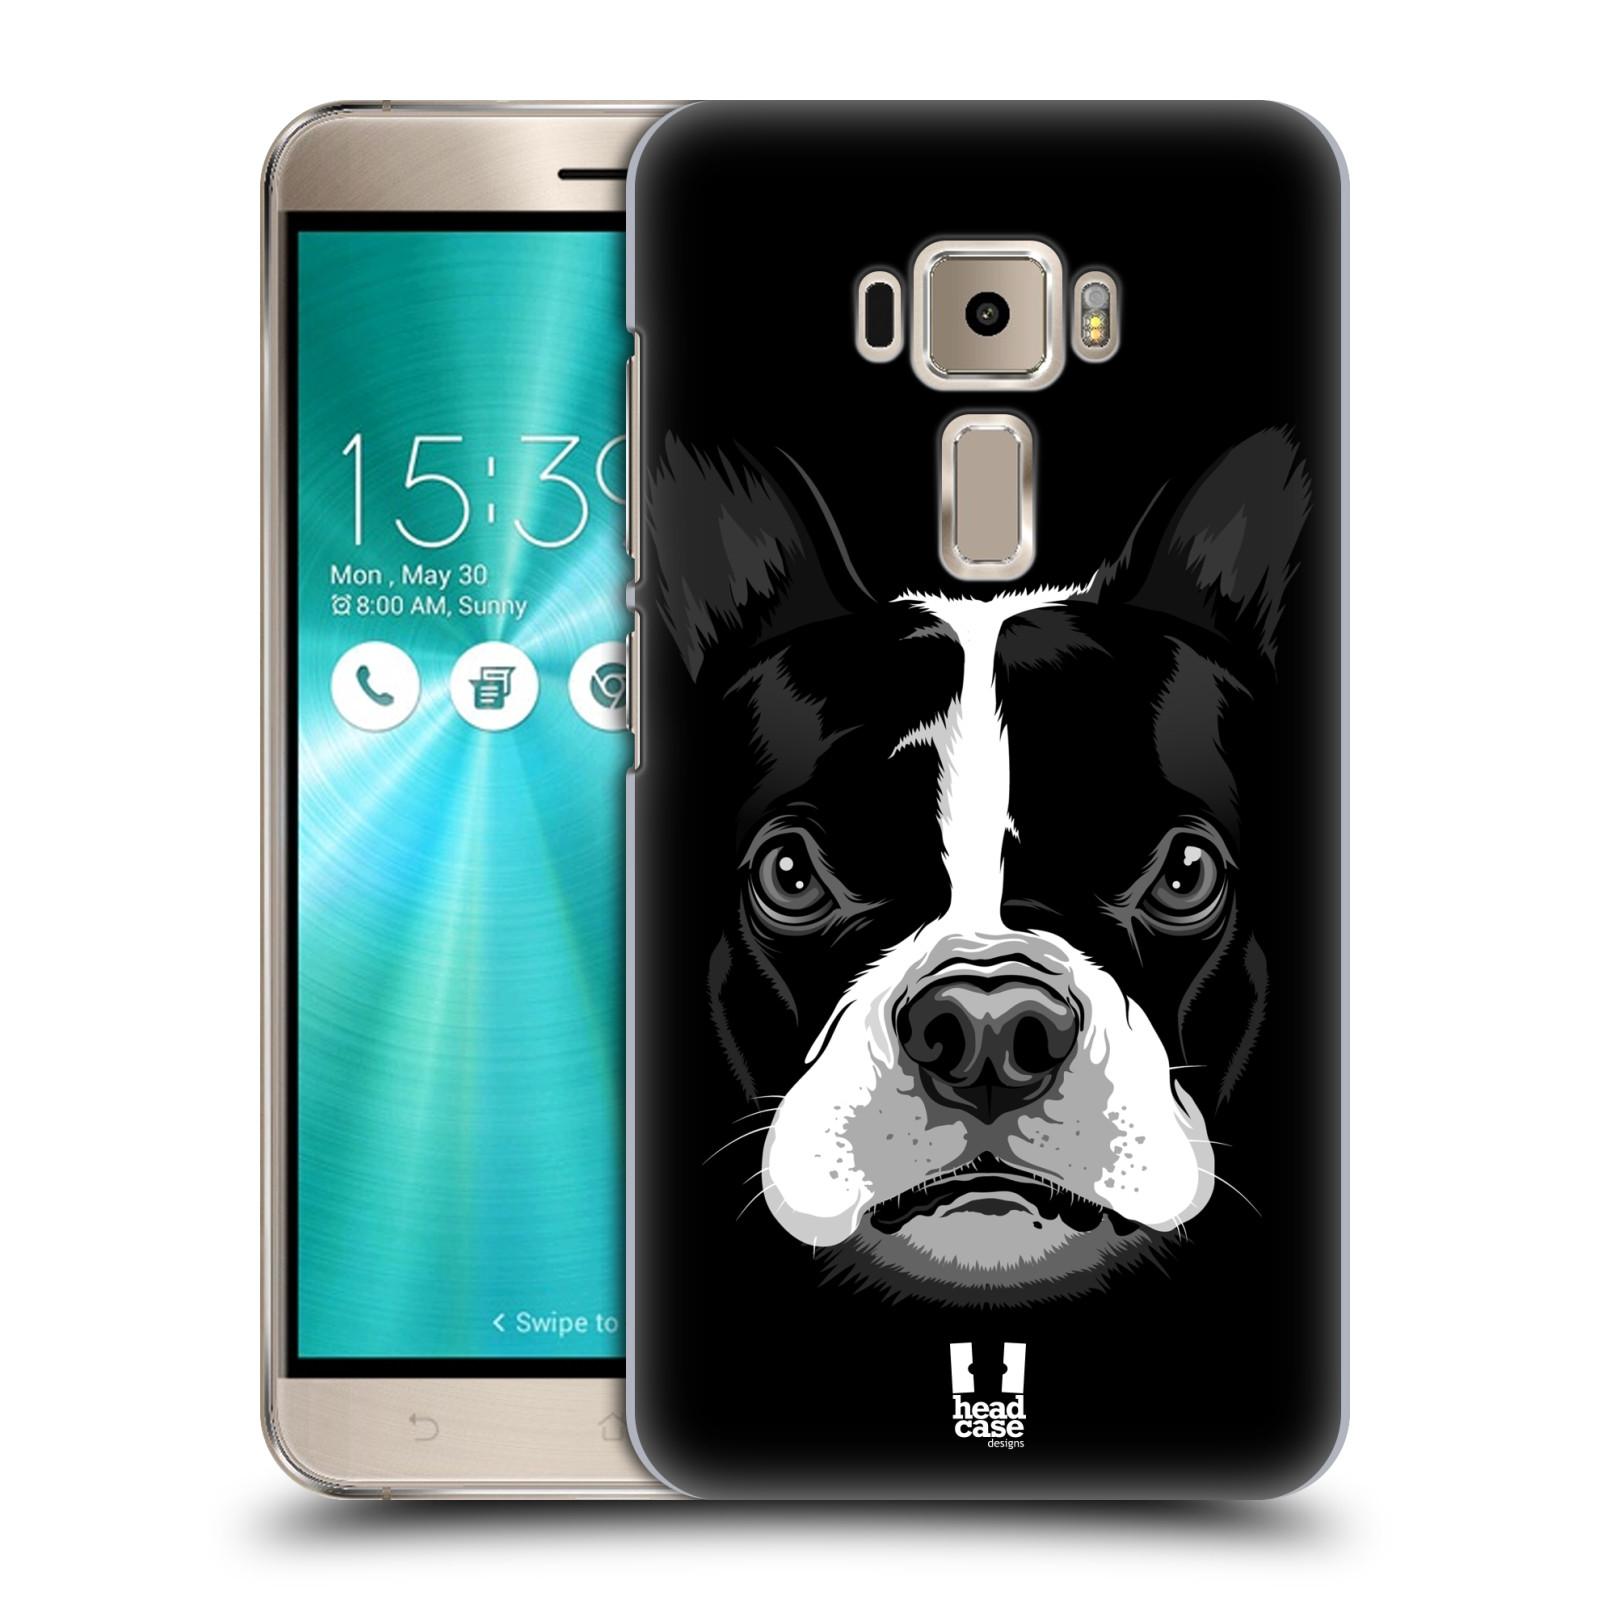 Plastové pouzdro na mobil Asus ZenFone 3 ZE520KL HEAD CASE ILUSTROVANÝ BULDOČEK